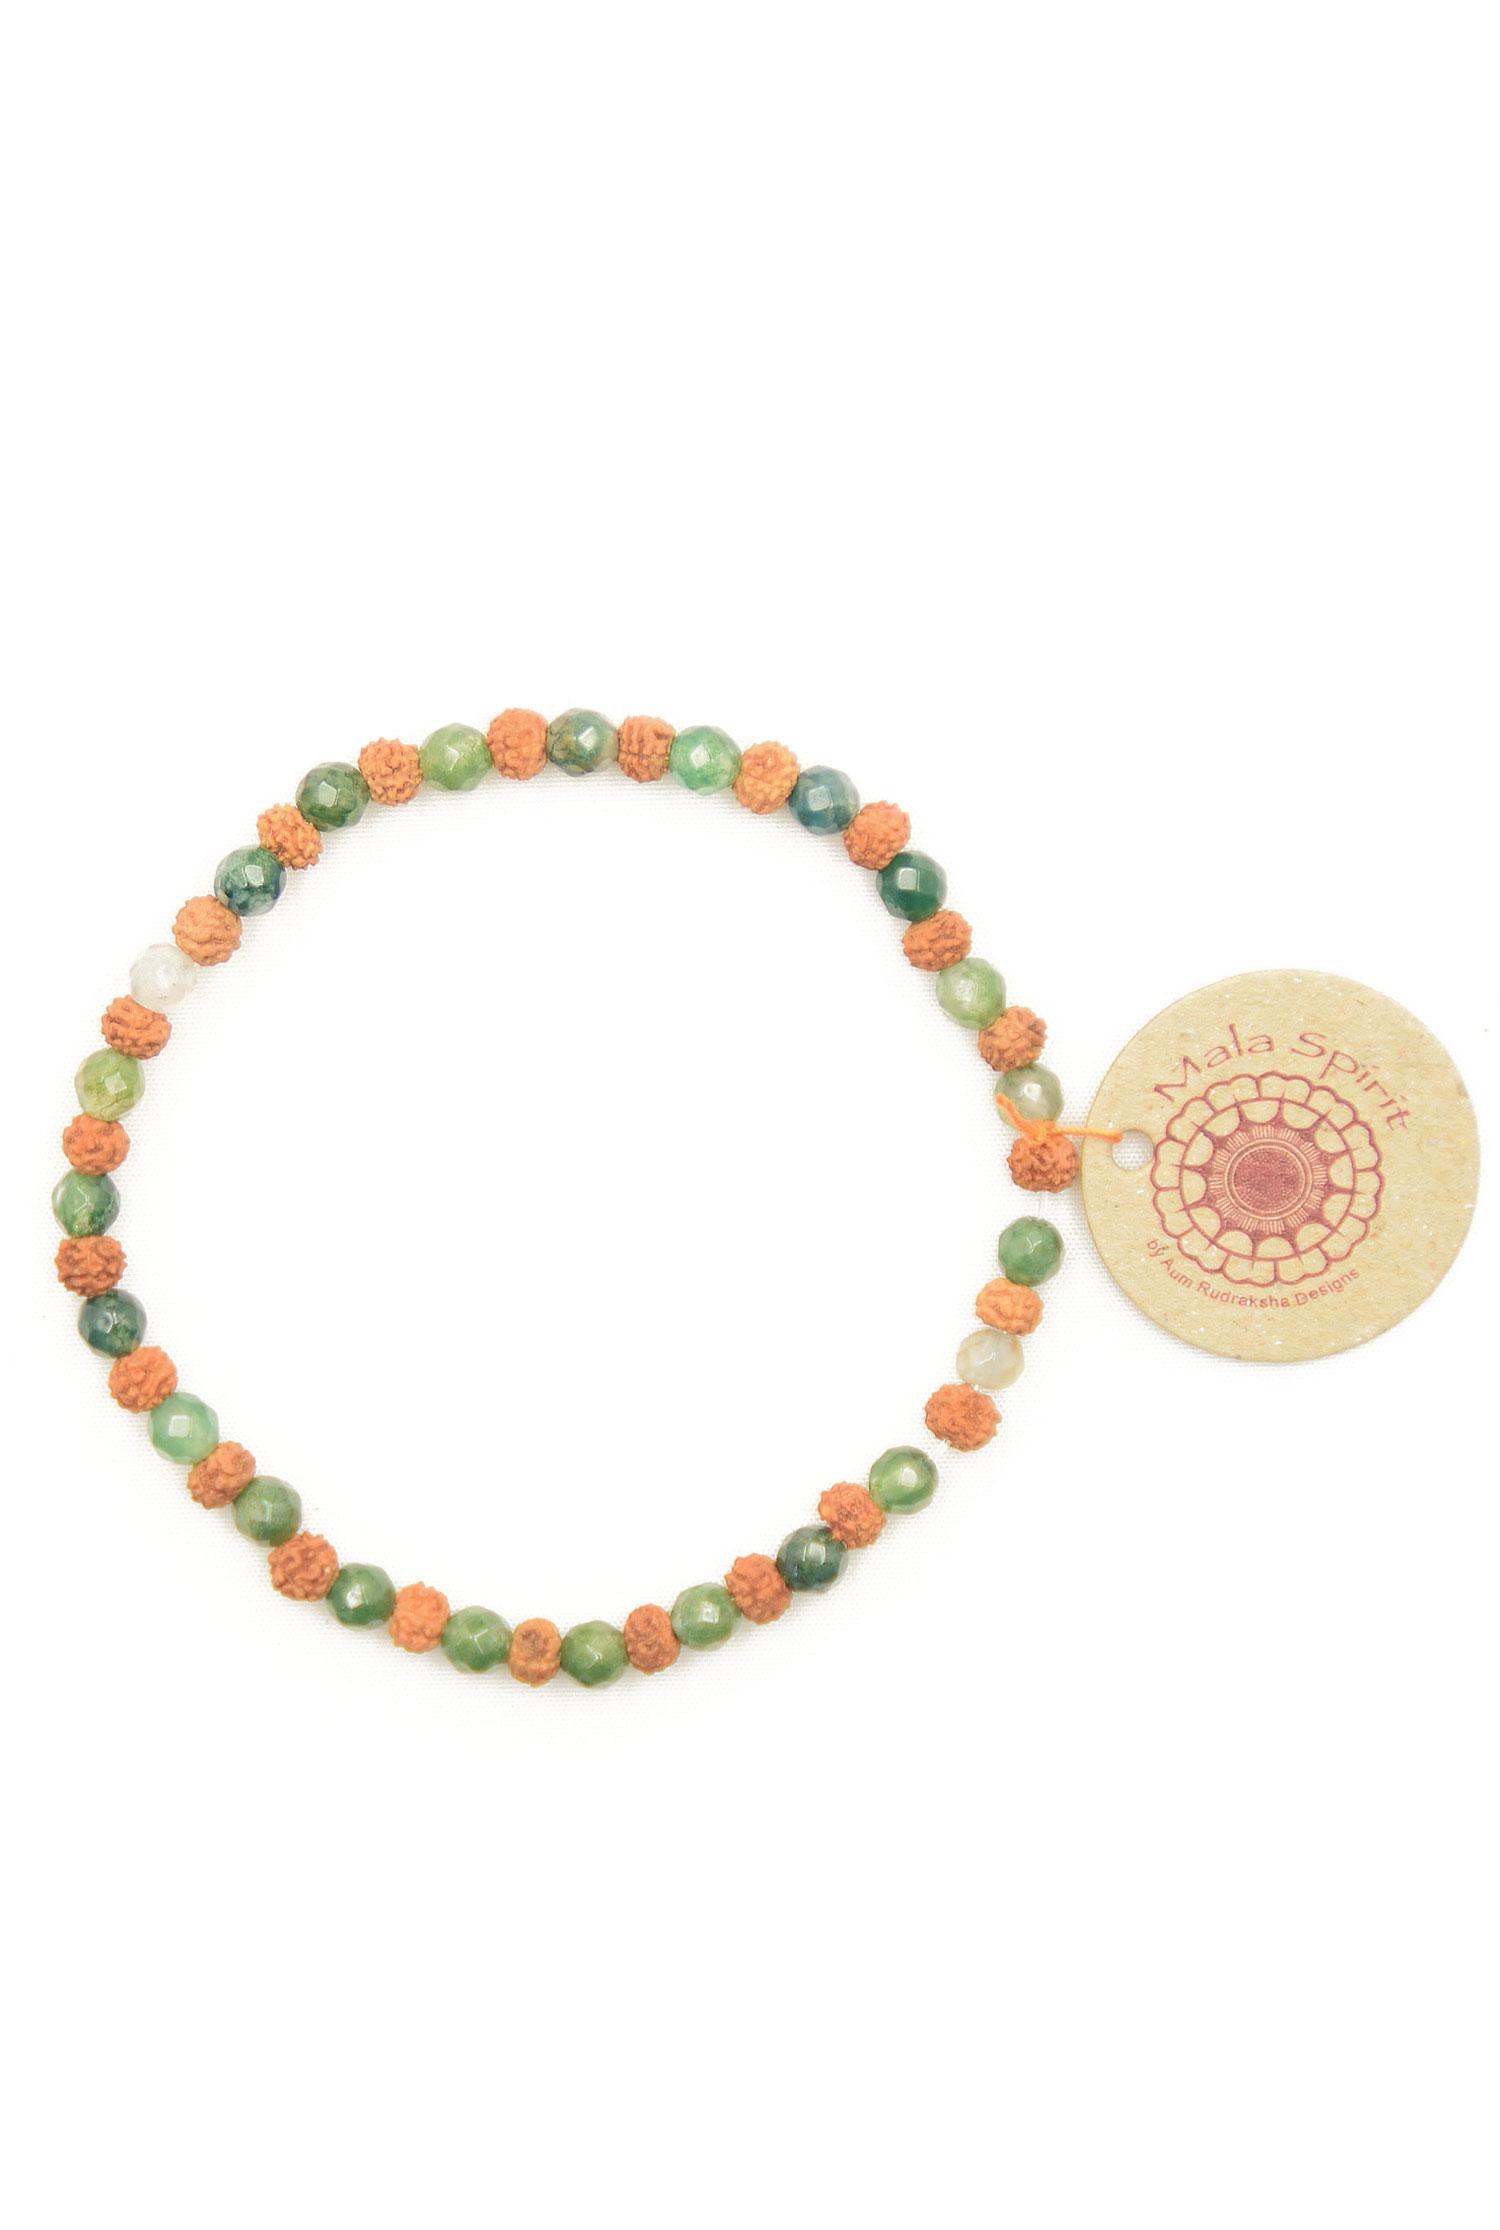 Moss-agate-mala-bracelet